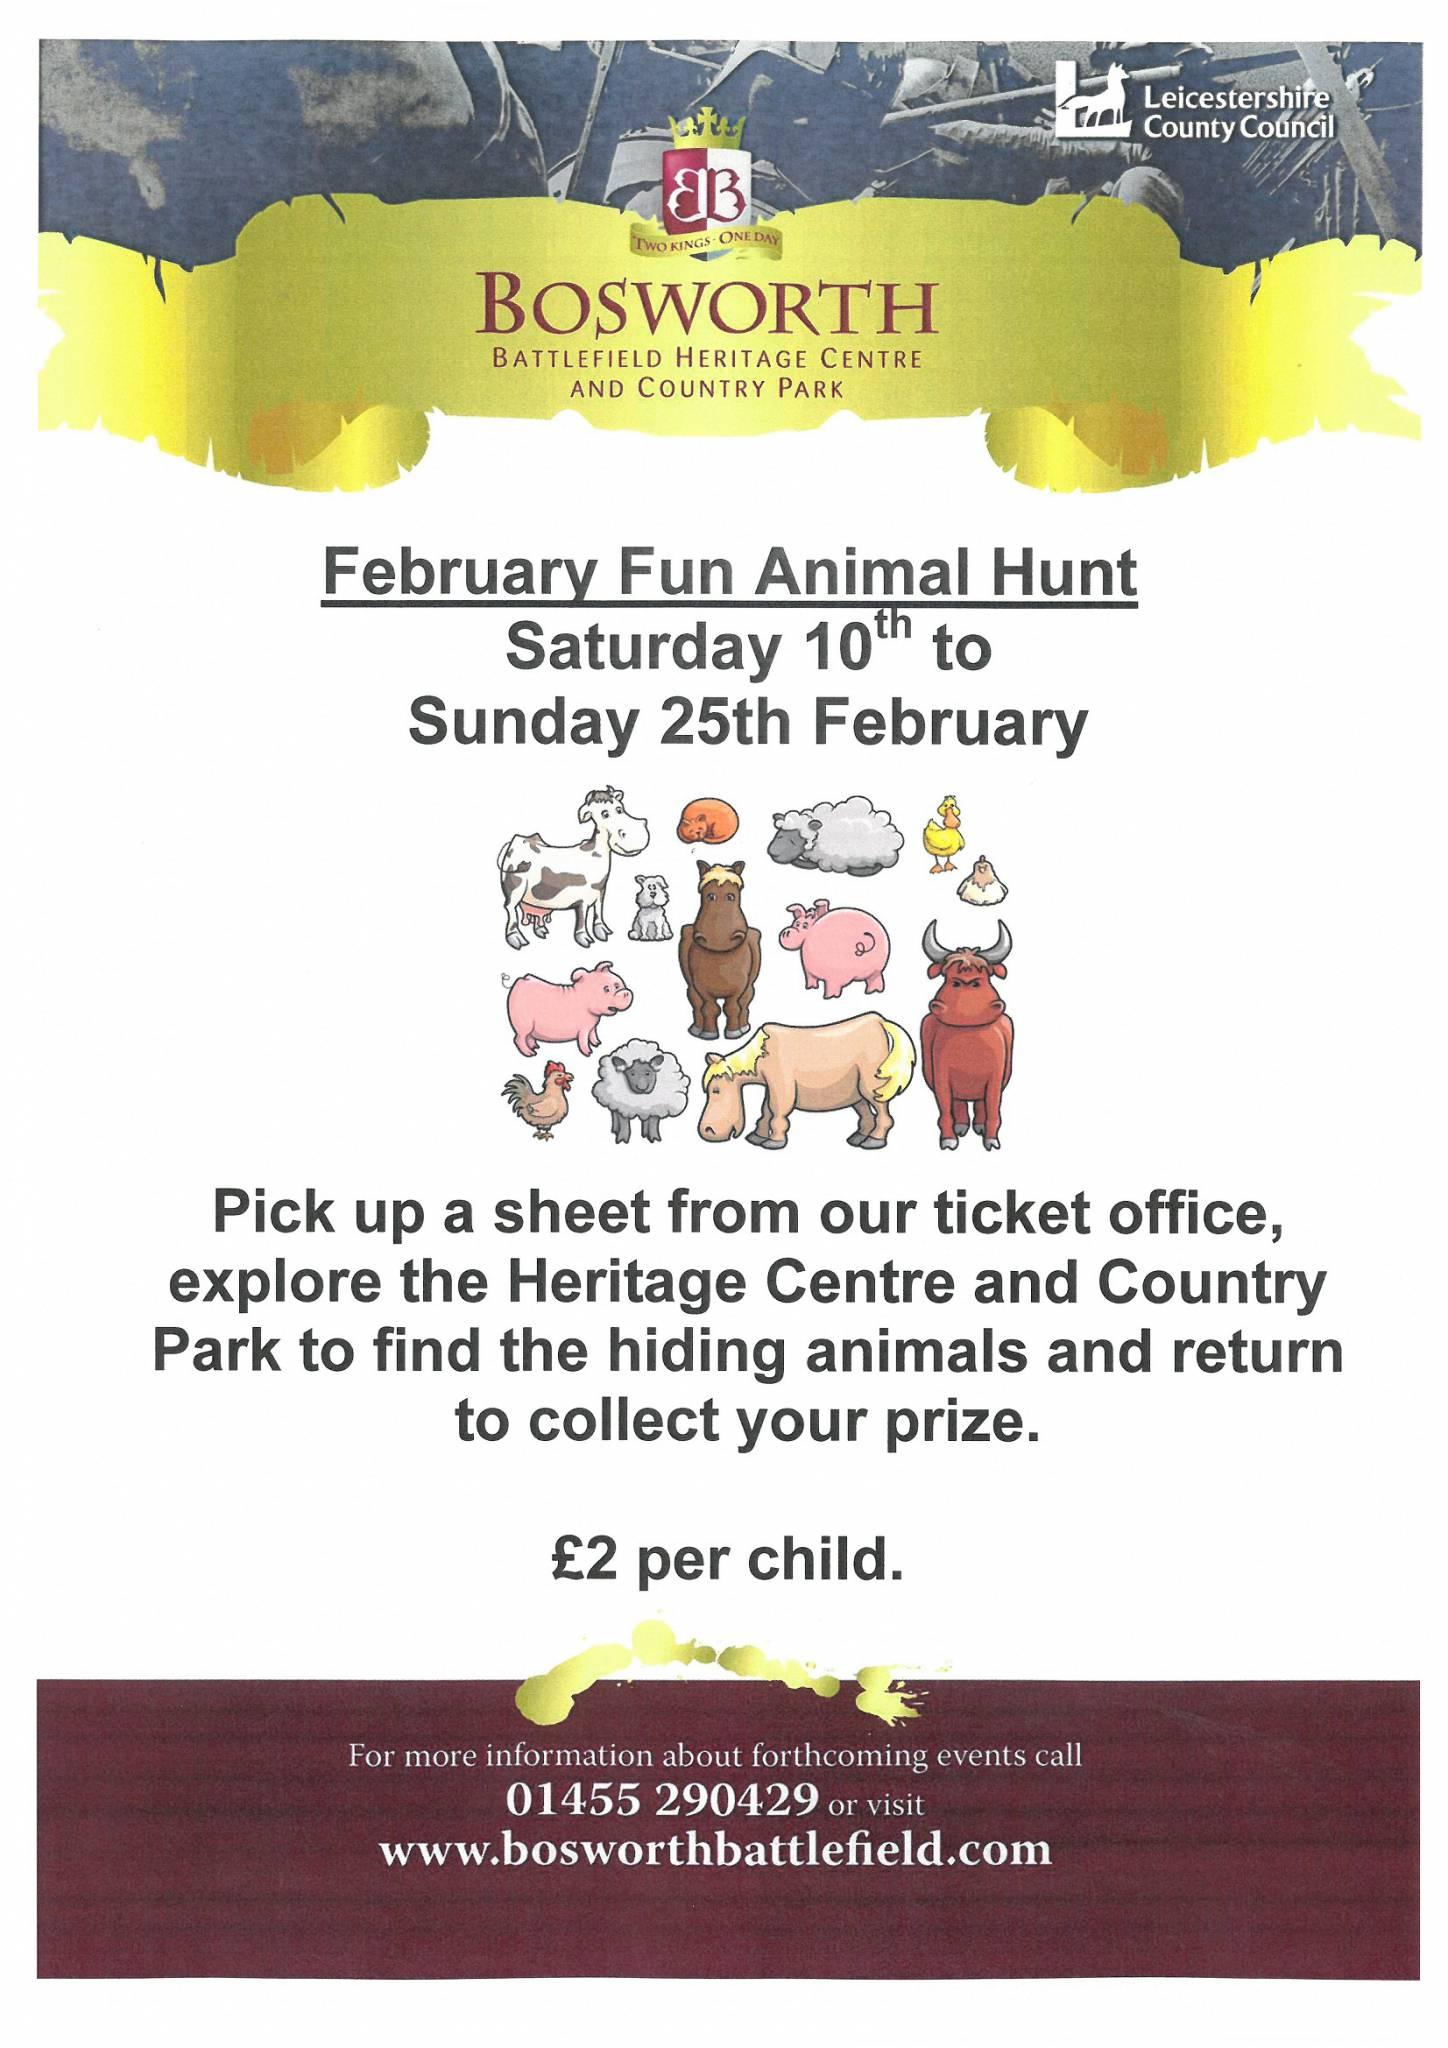 February Fun Animal Hunt